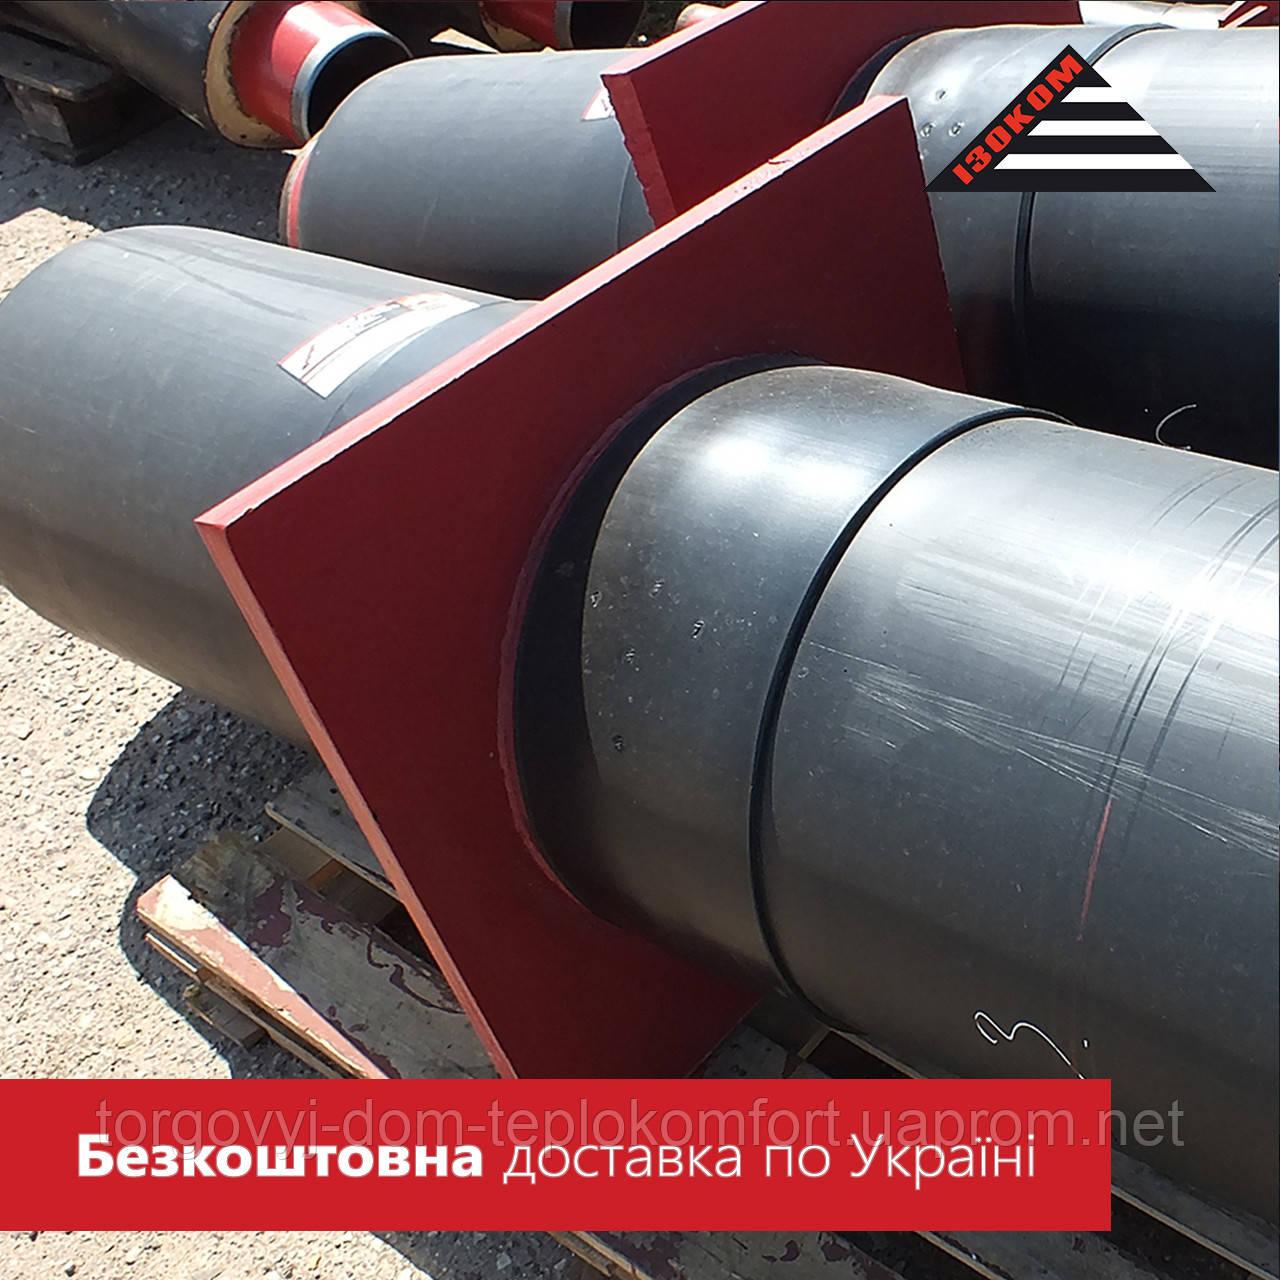 Опора неподвижная для трубы стальной предварительно изолированной в ПЕ оболочке ø 1220/1400 мм